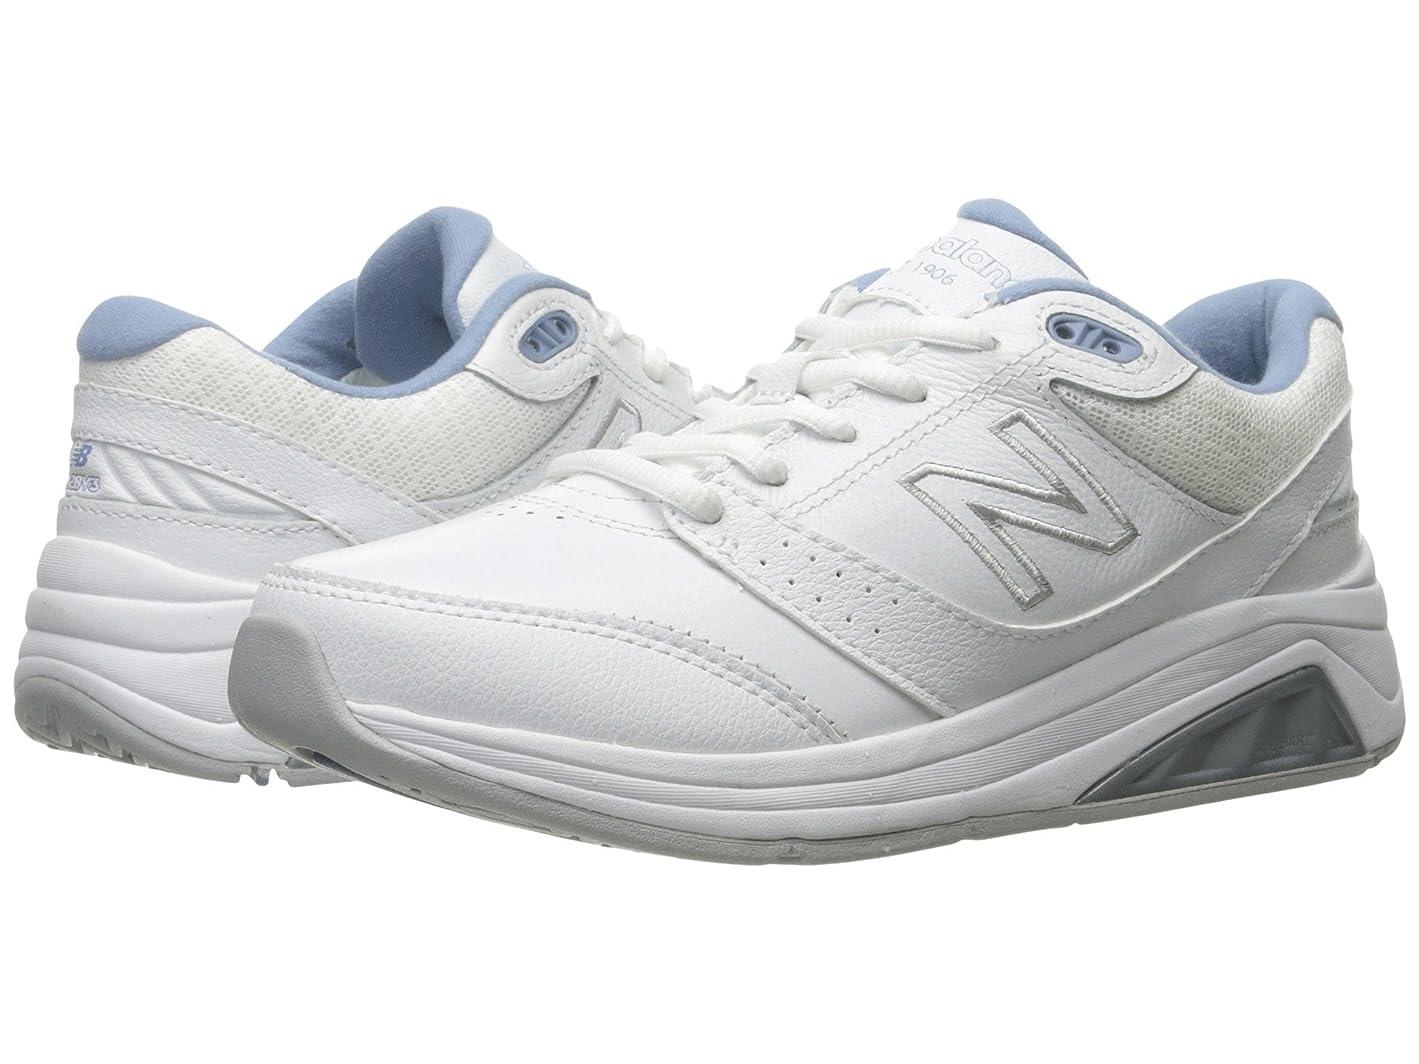 鯨農場メロディアスレディースランニングシューズ?スニーカー?靴 WW928v3 White/Blue 5 (22cm) D - Wide [並行輸入品]